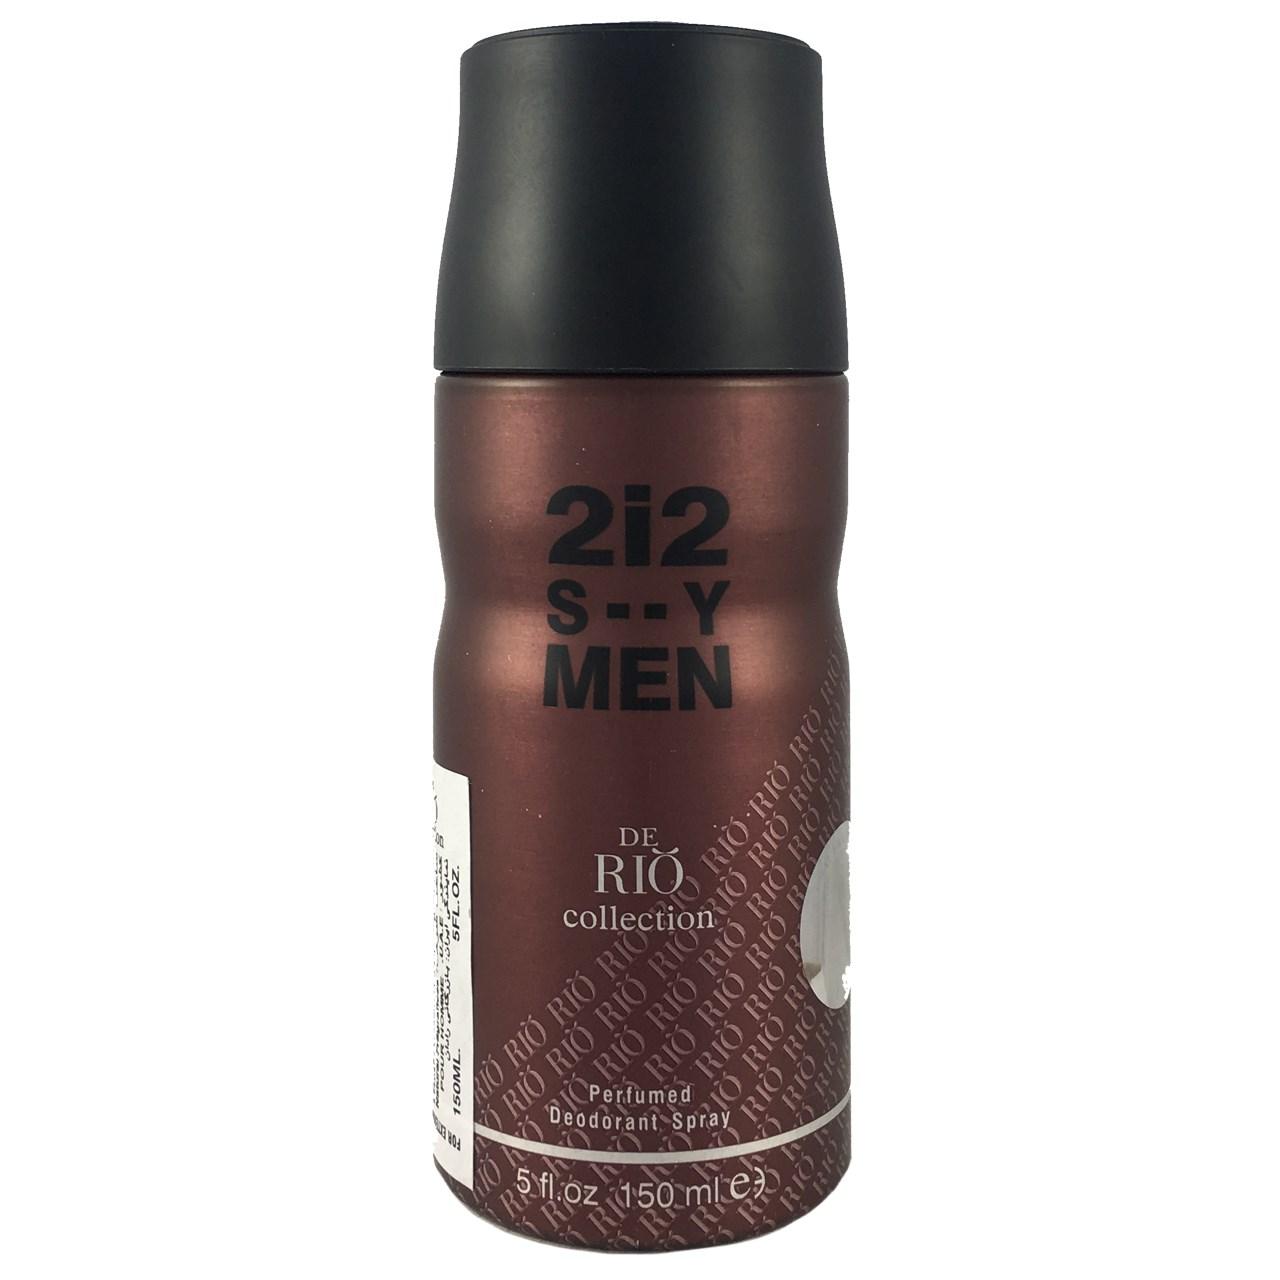 اسپری ضد تعریق مردانه ریو کالکشن مدل Rio 2i2 S..Y حجم 150ml